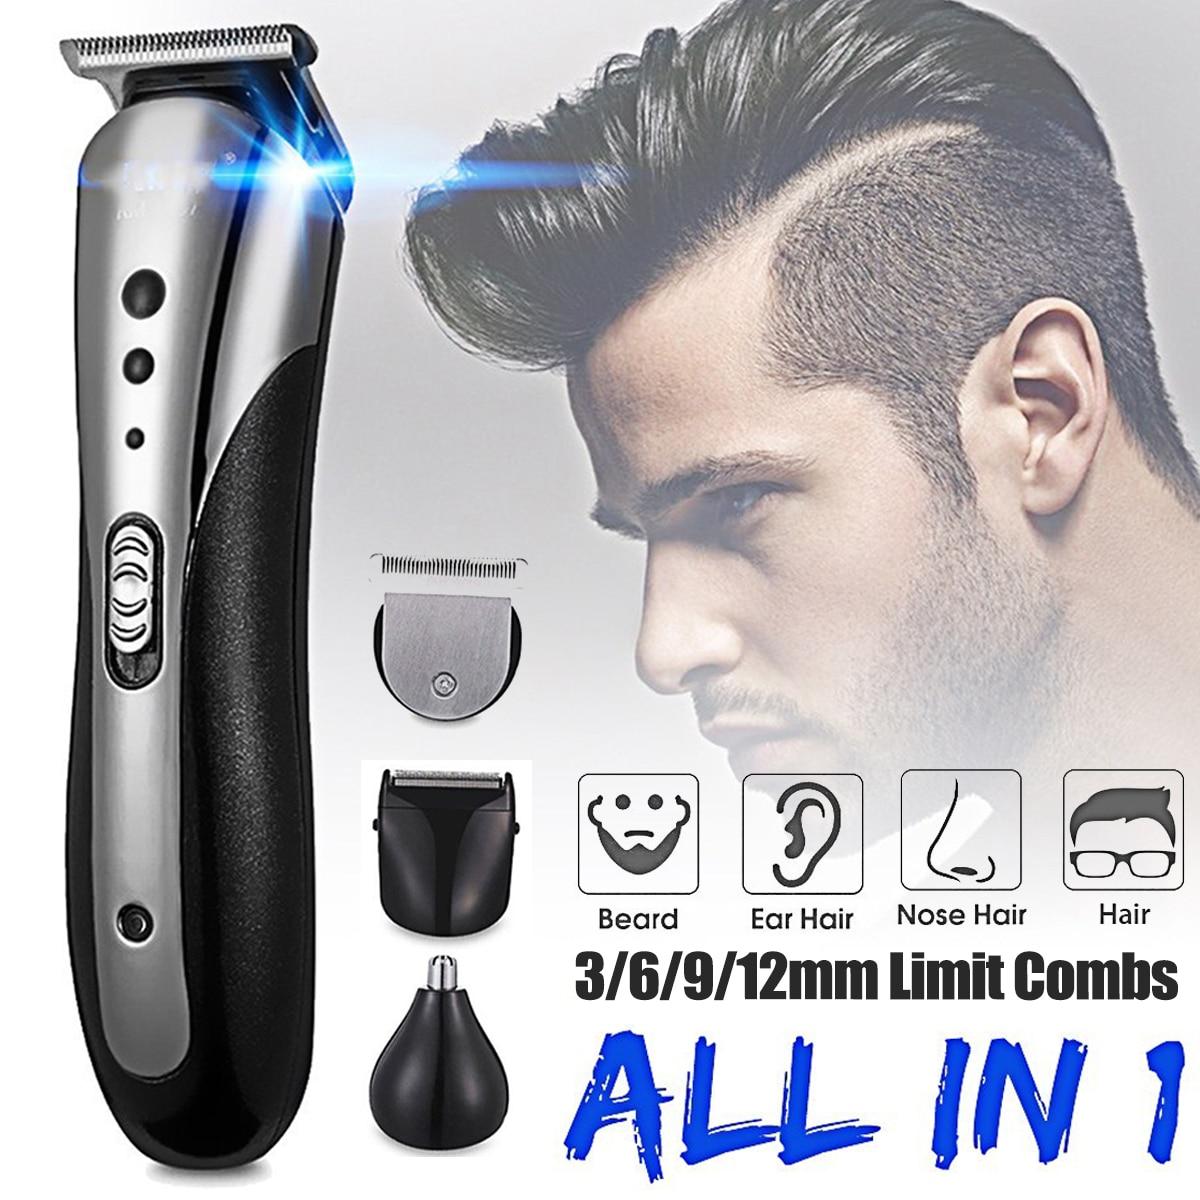 KEMEI Hair-Clipper Ear-Shaver Beard Nose Rechargeable Waterproof Wireless For Men All-In1